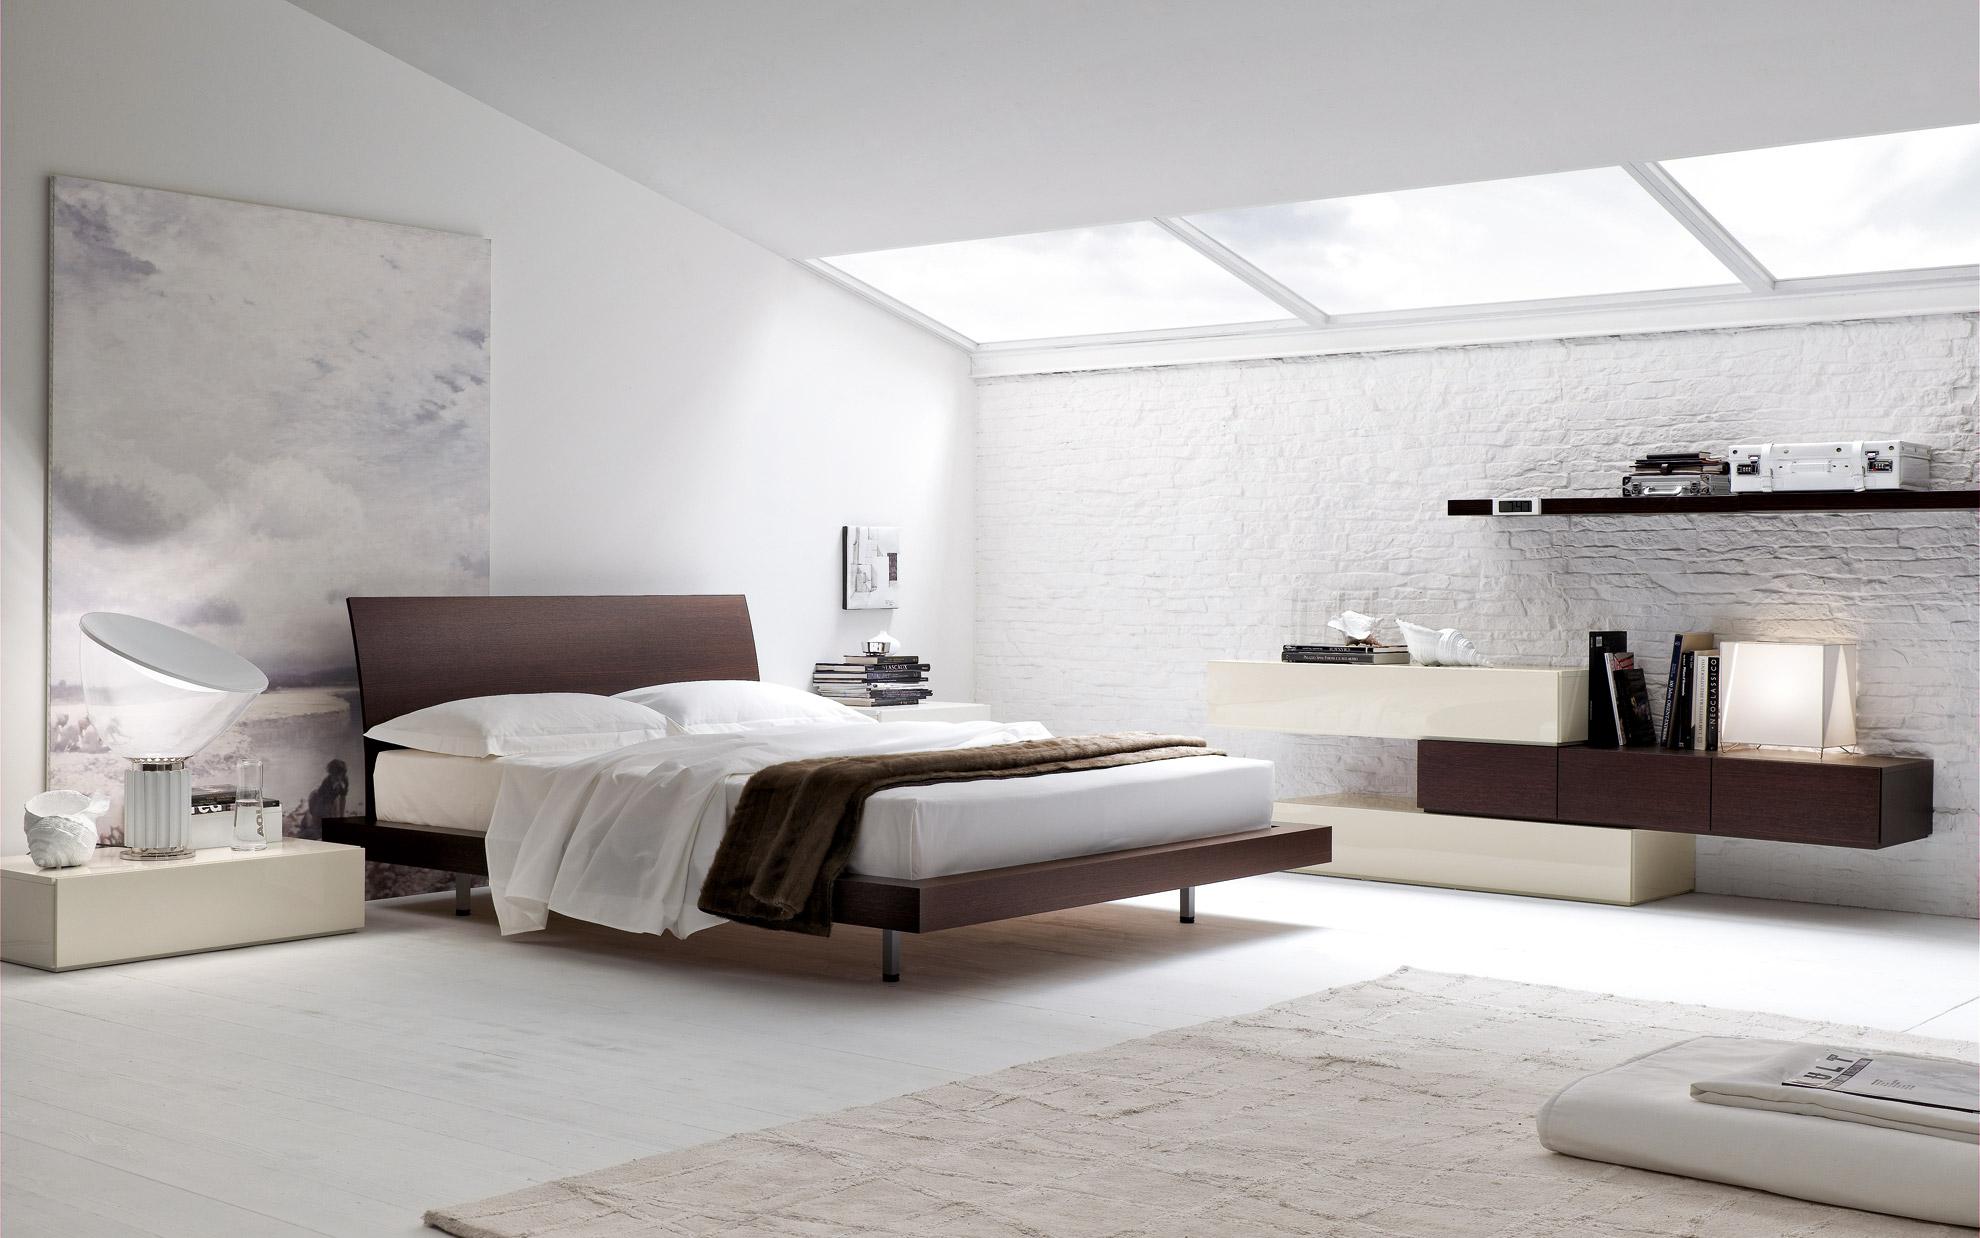 Vendita camere da letto vicenza valdagno cornedo for Camere da letto verona